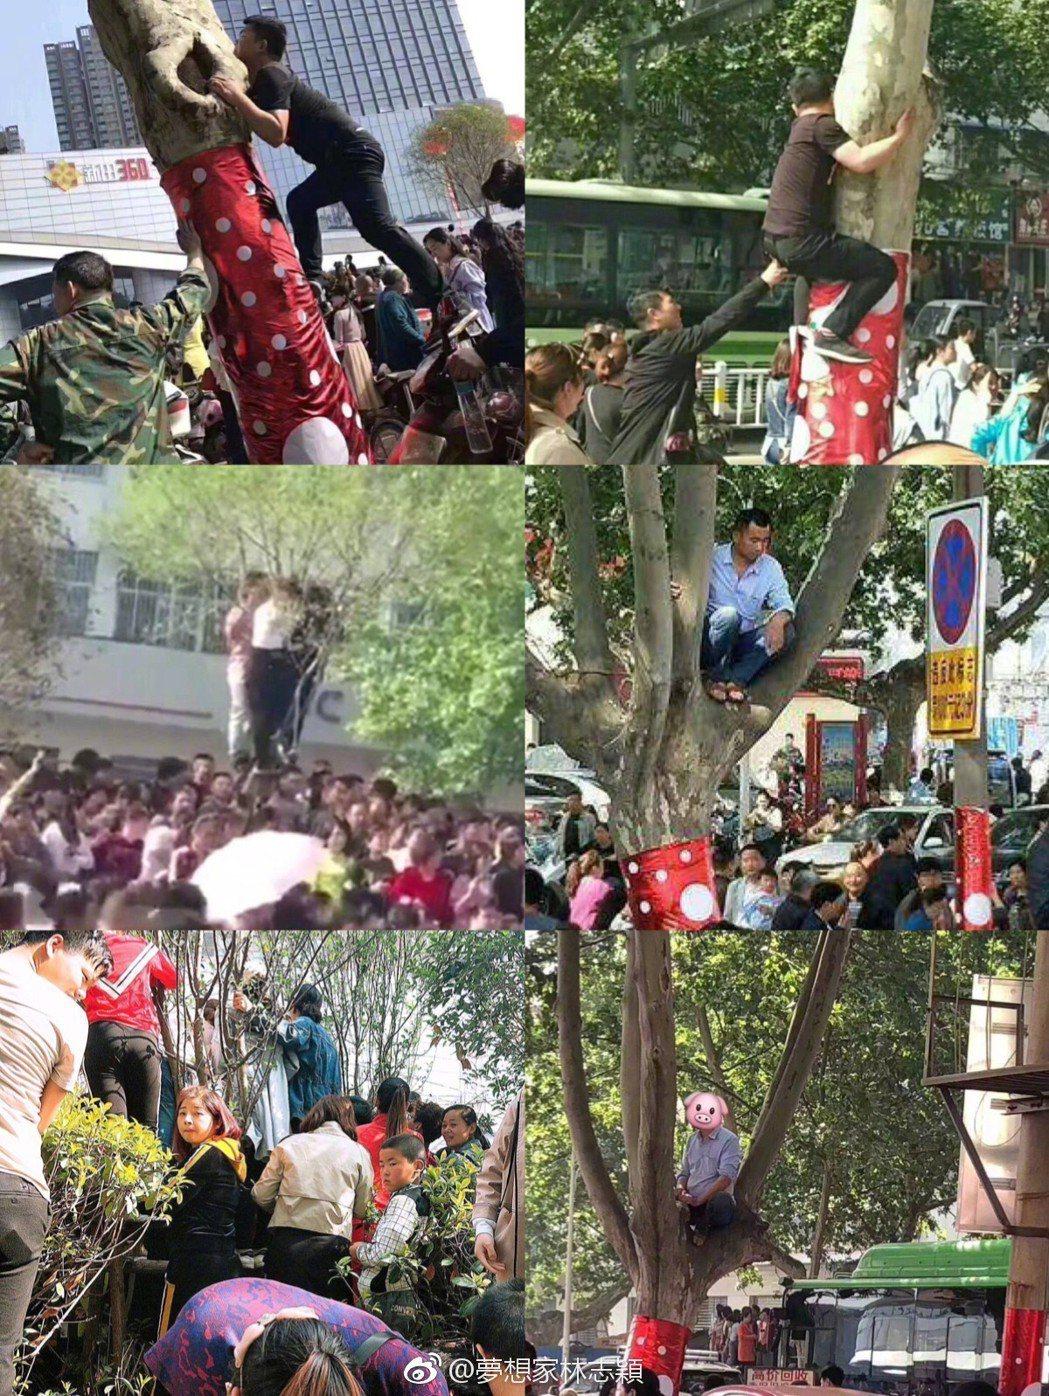 林志穎活動現場擠滿人潮,還有人爬上樹。 圖/擷自林志穎微博